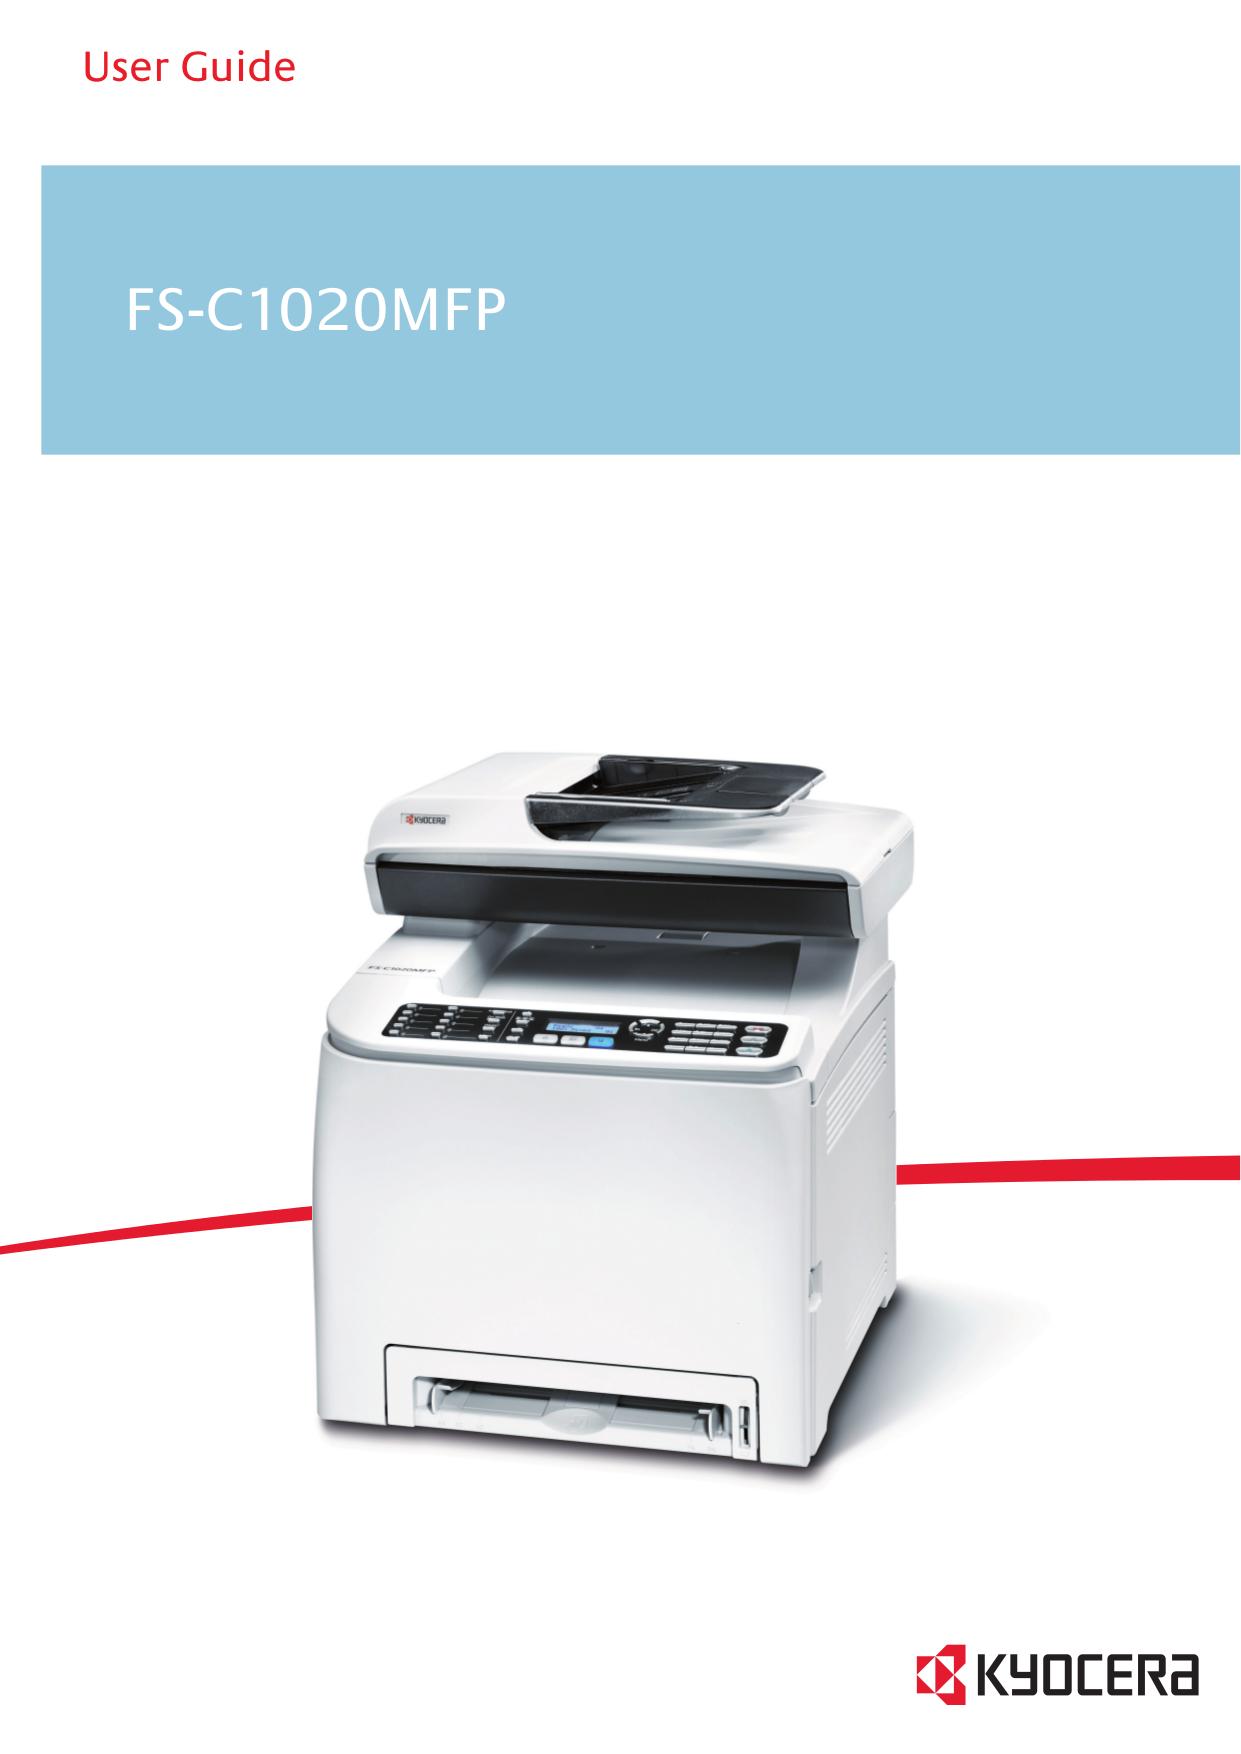 Kyocera printer Manual